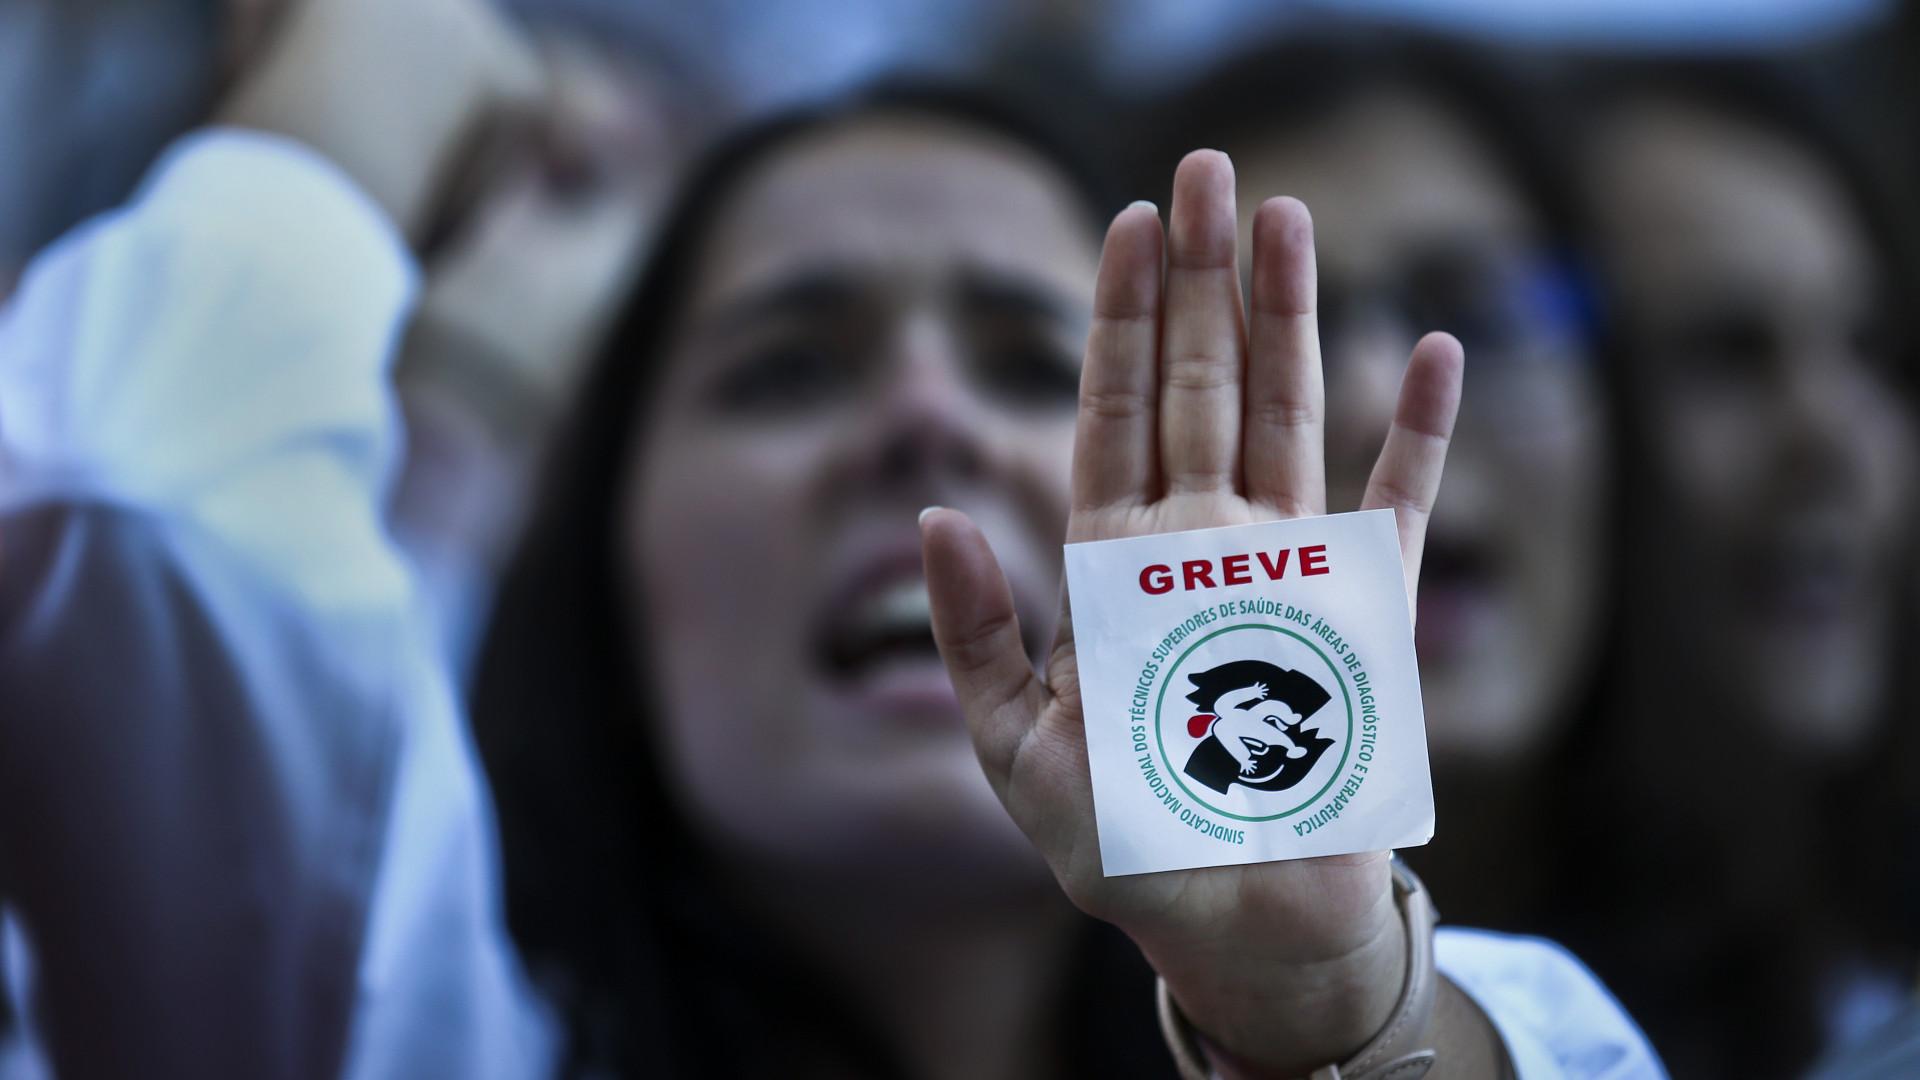 Técnicos de diagnóstico iniciam primeiro de dois dias de greve nacional